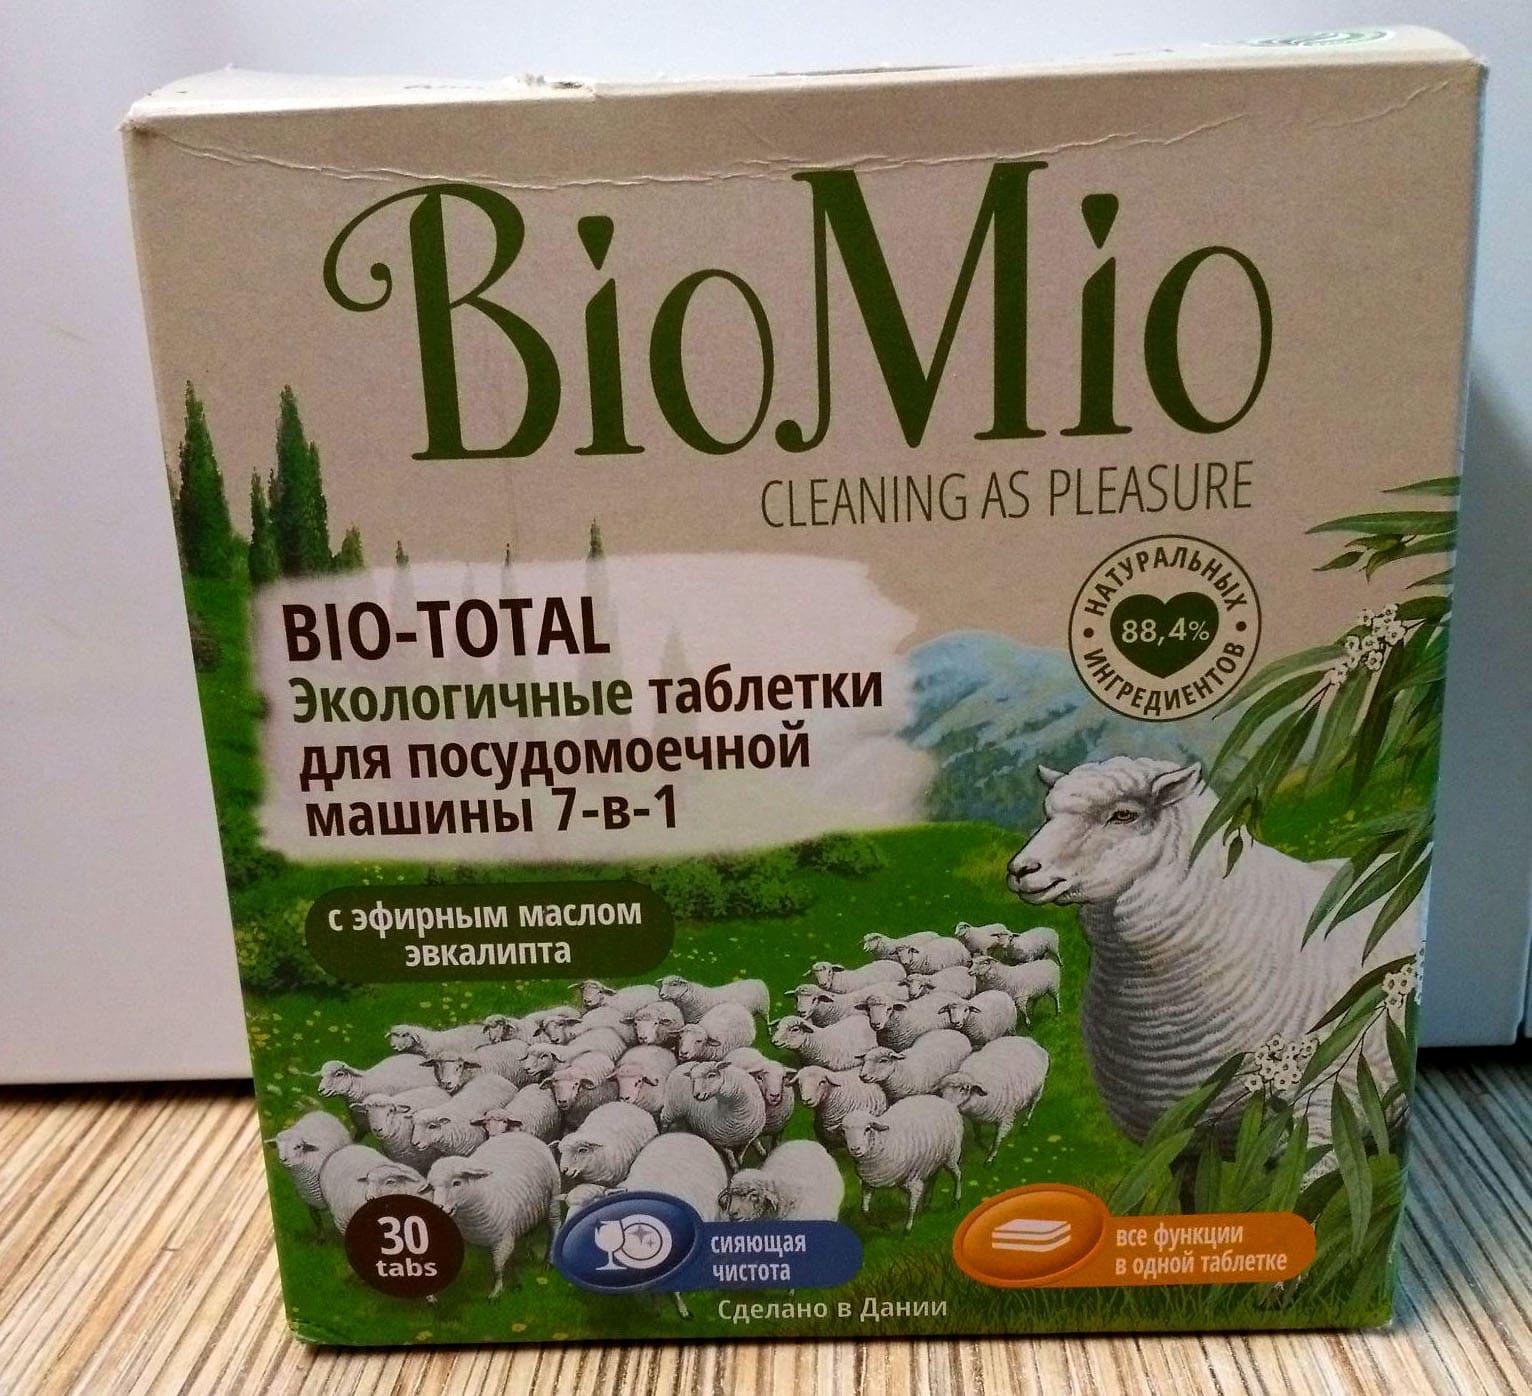 Состав BioMio Bio-total имеет приятный запах эвкалипта